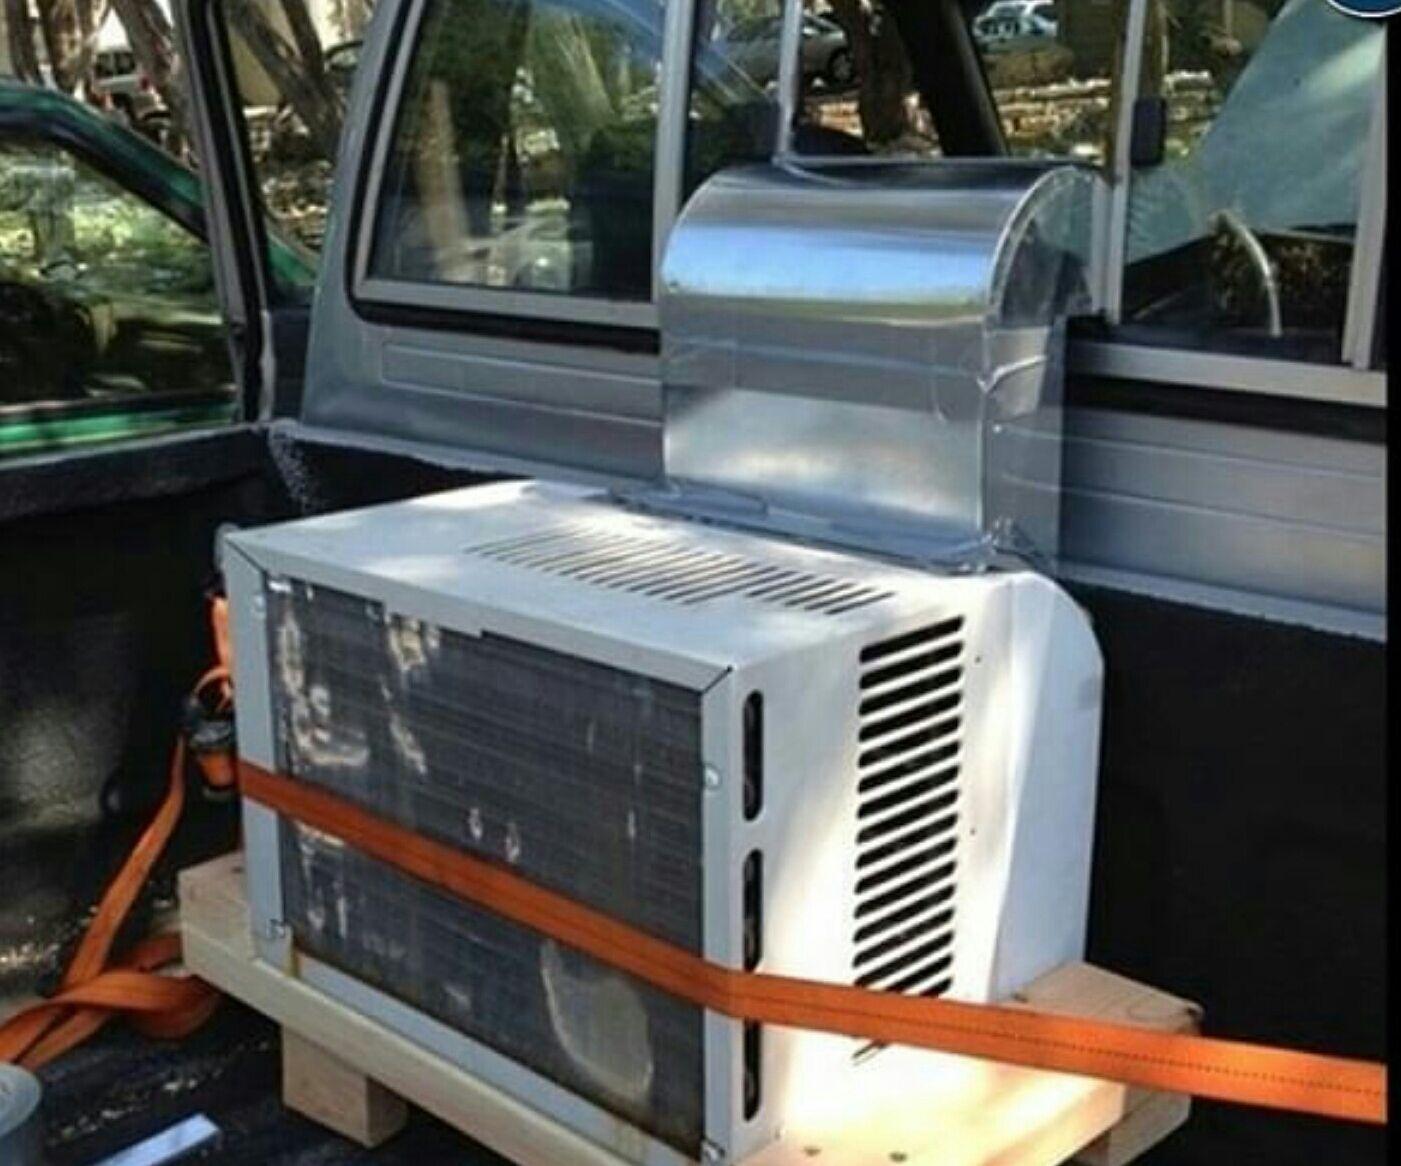 Redneck hvac hvachacksredneckhvac HVAC